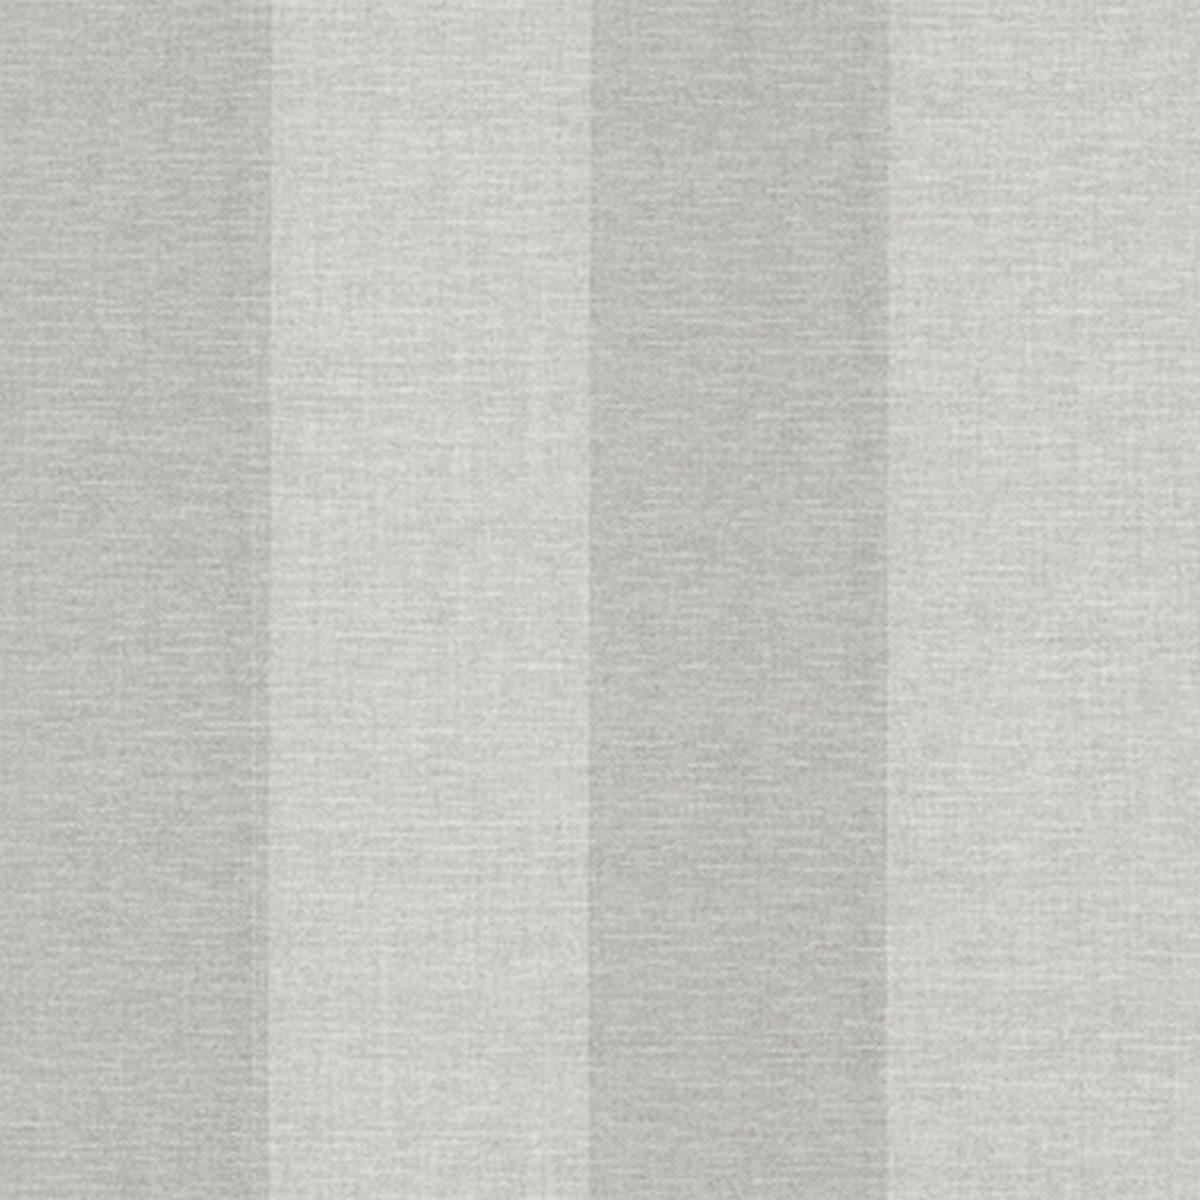 Обои флизелиновые Prospero Naturale серые 0.53 м 671-68506